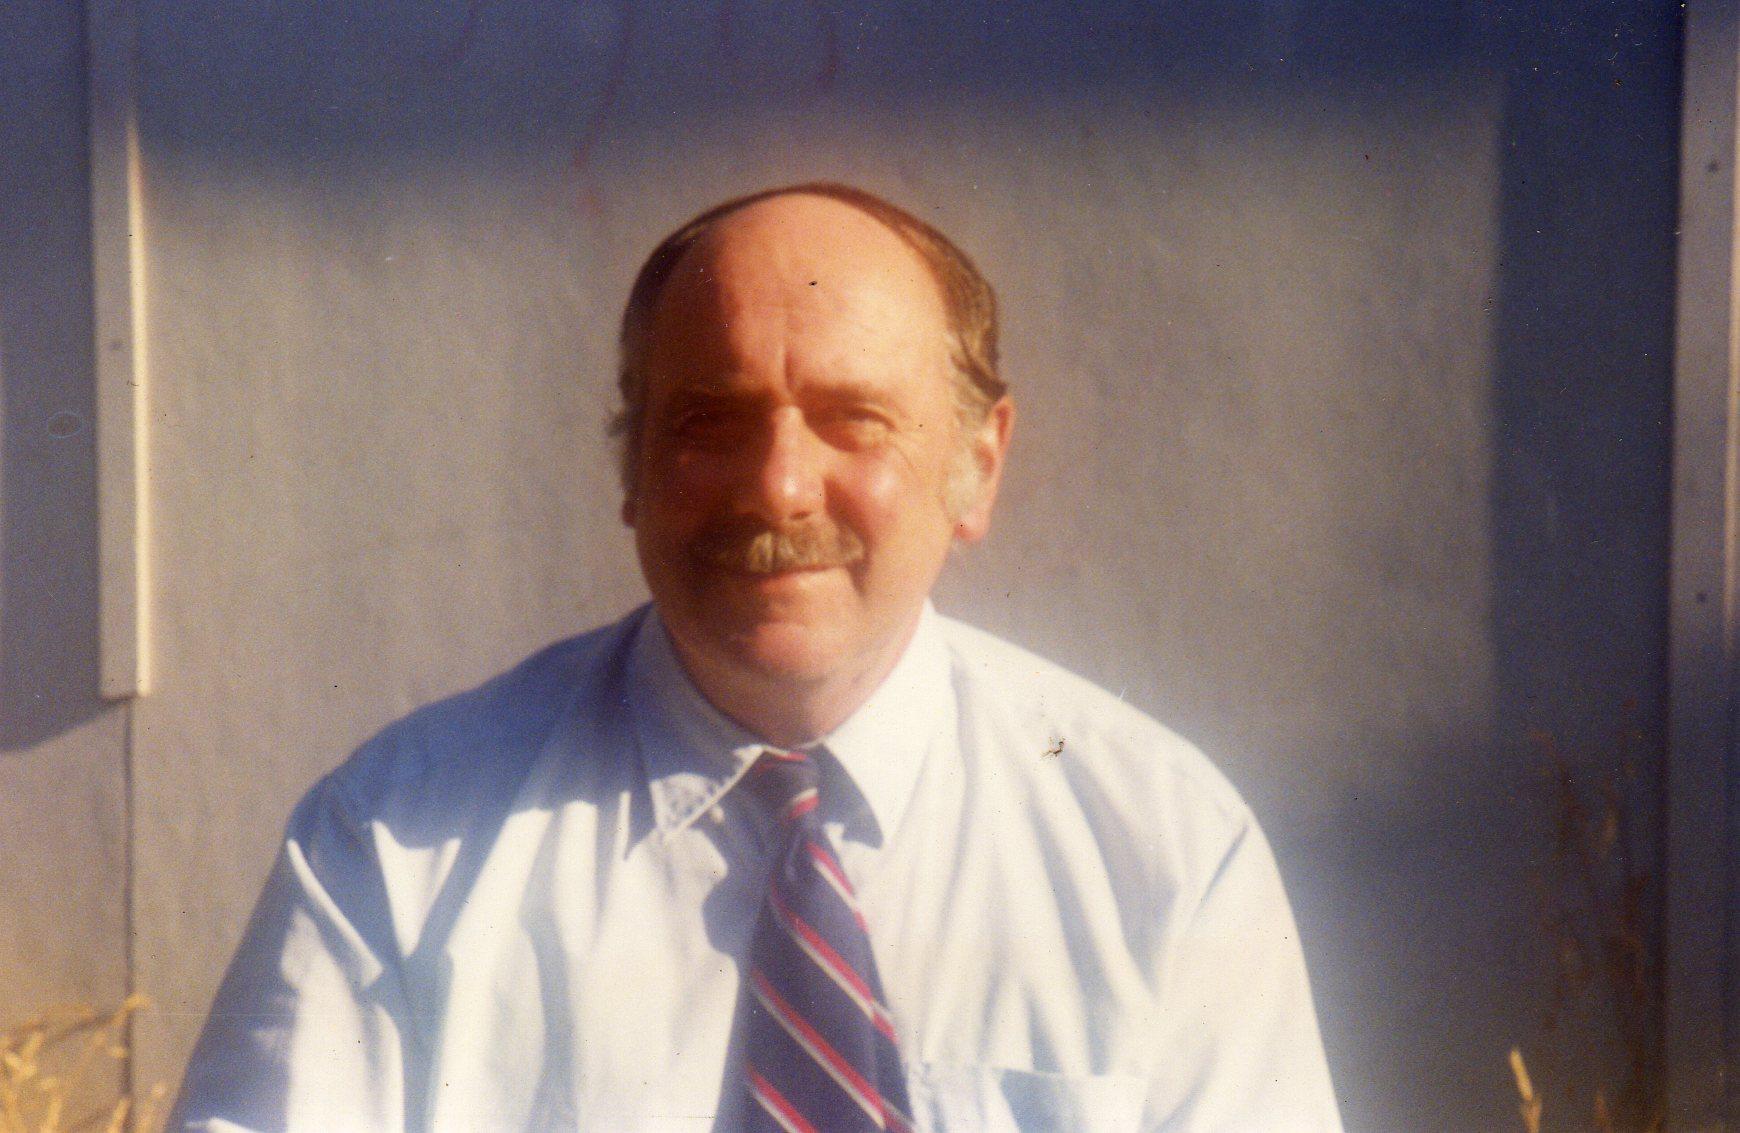 John Hague